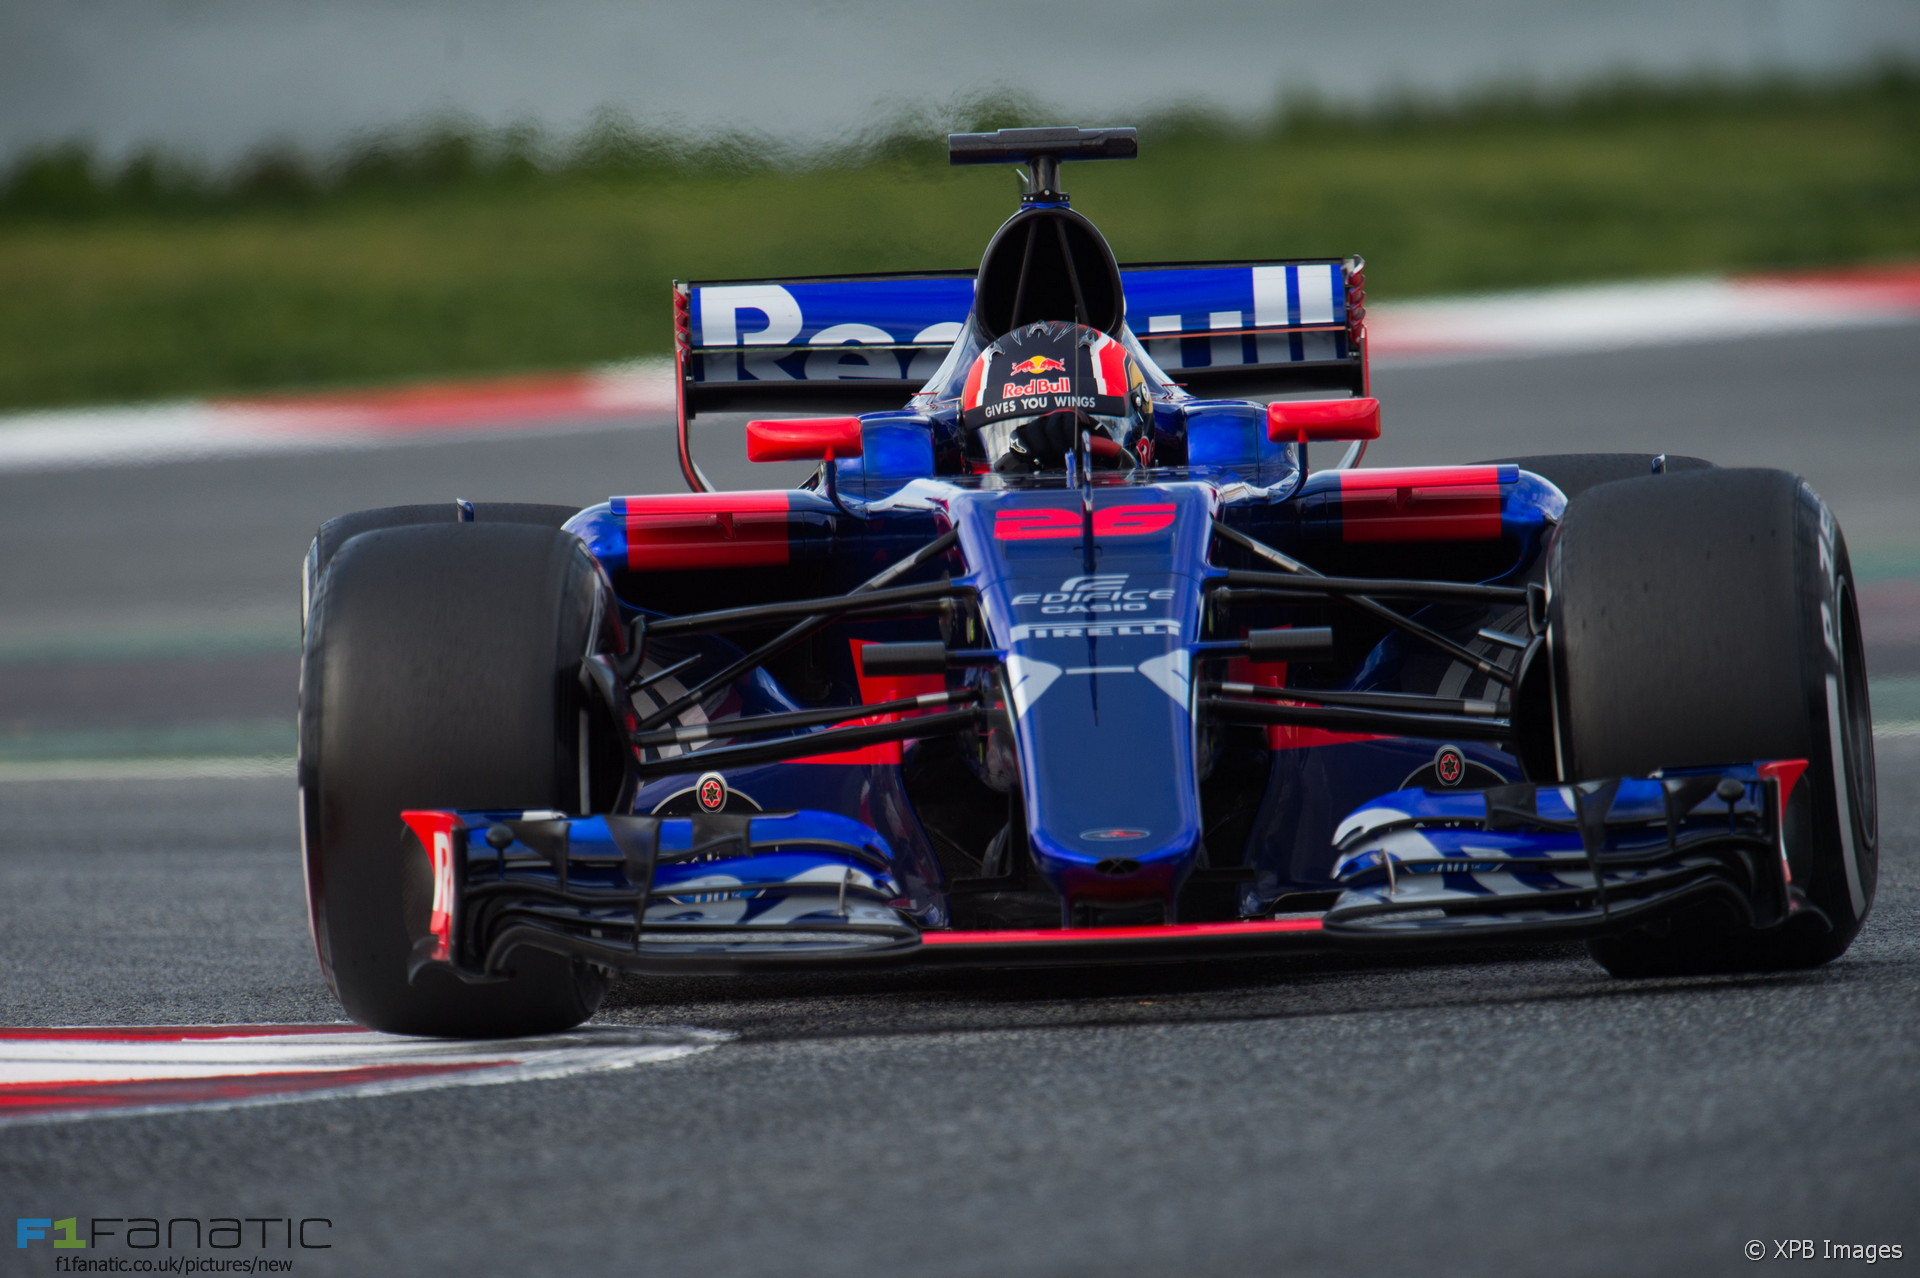 Toro Rosso F1 - Equipes de F1 - foto by F1 fanatic